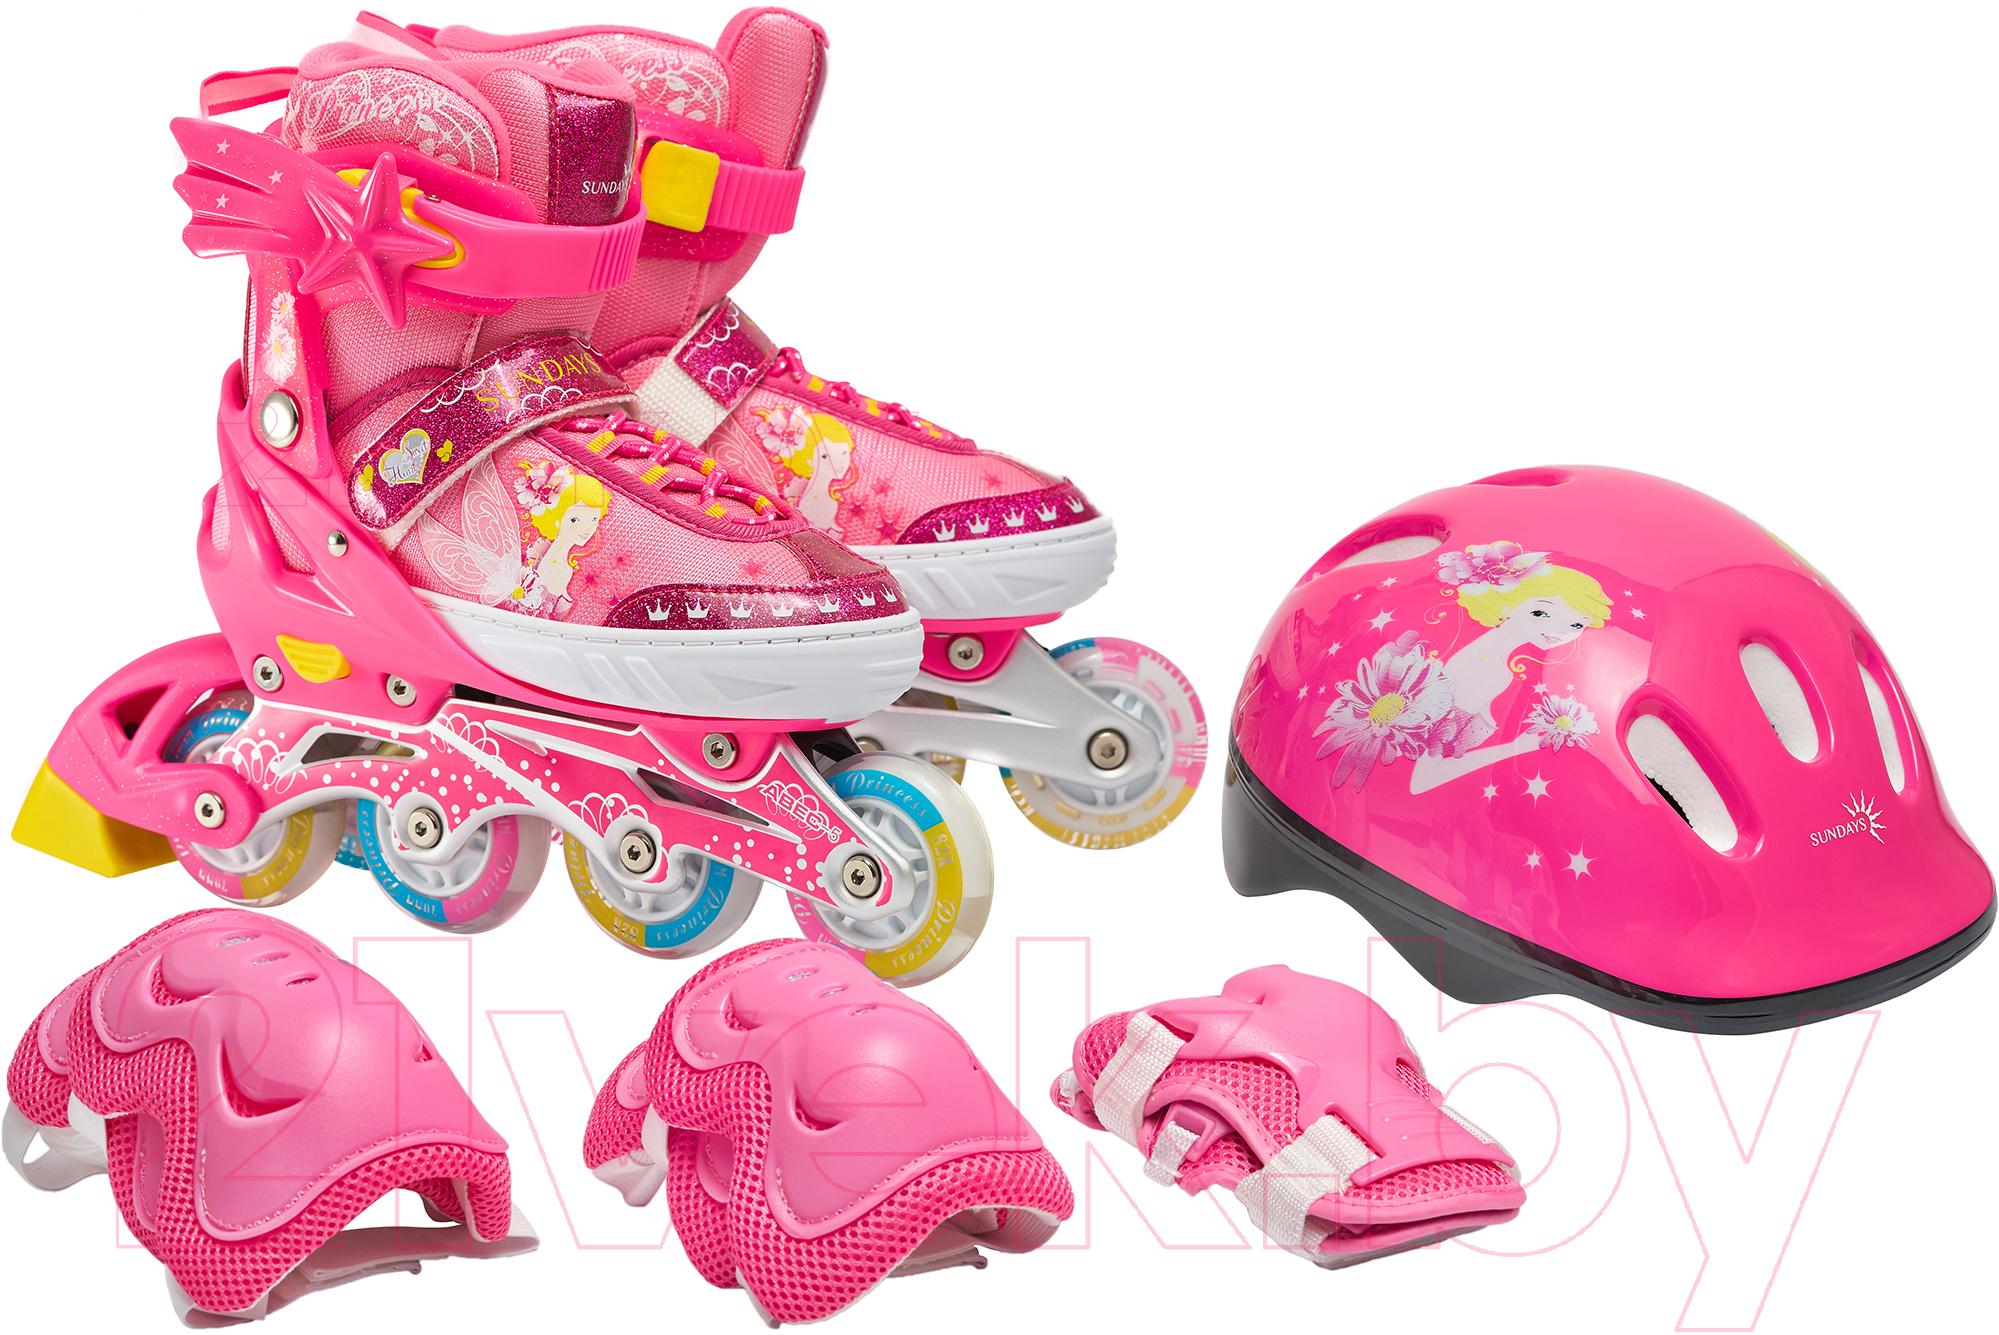 Купить Роликовые коньки Sundays, PW-153B-5D (XS, set pink), Китай, розовый